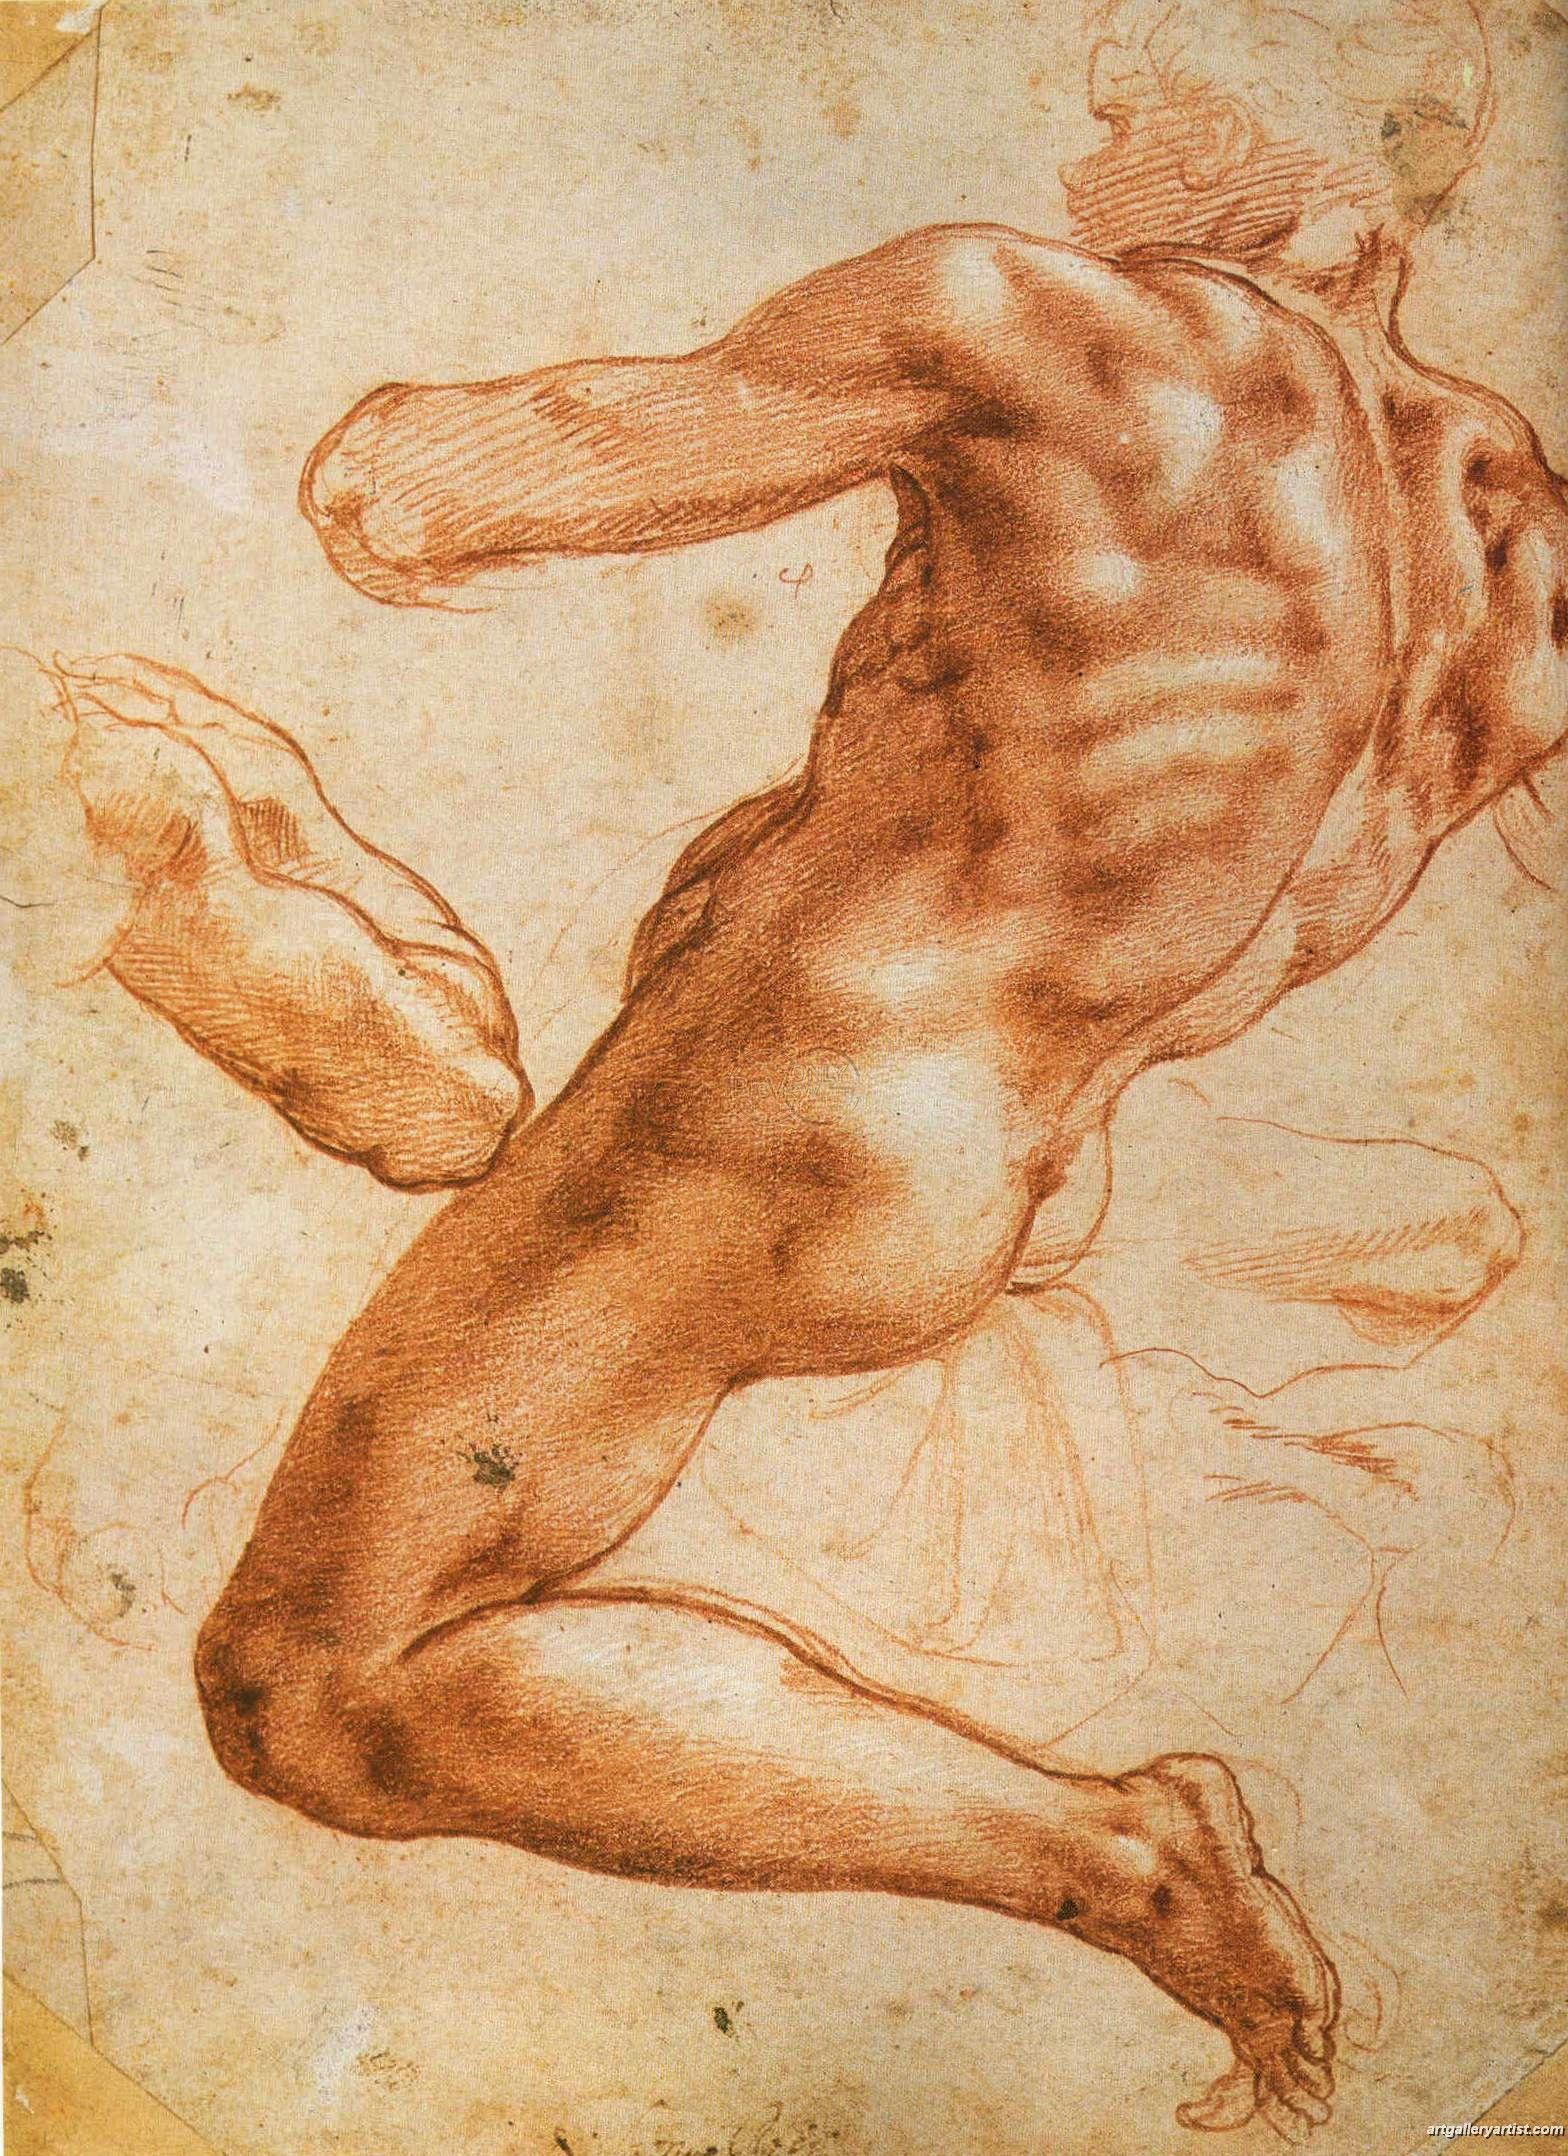 Estudio de hombre desnudo de Miguelangel  Michelangelo